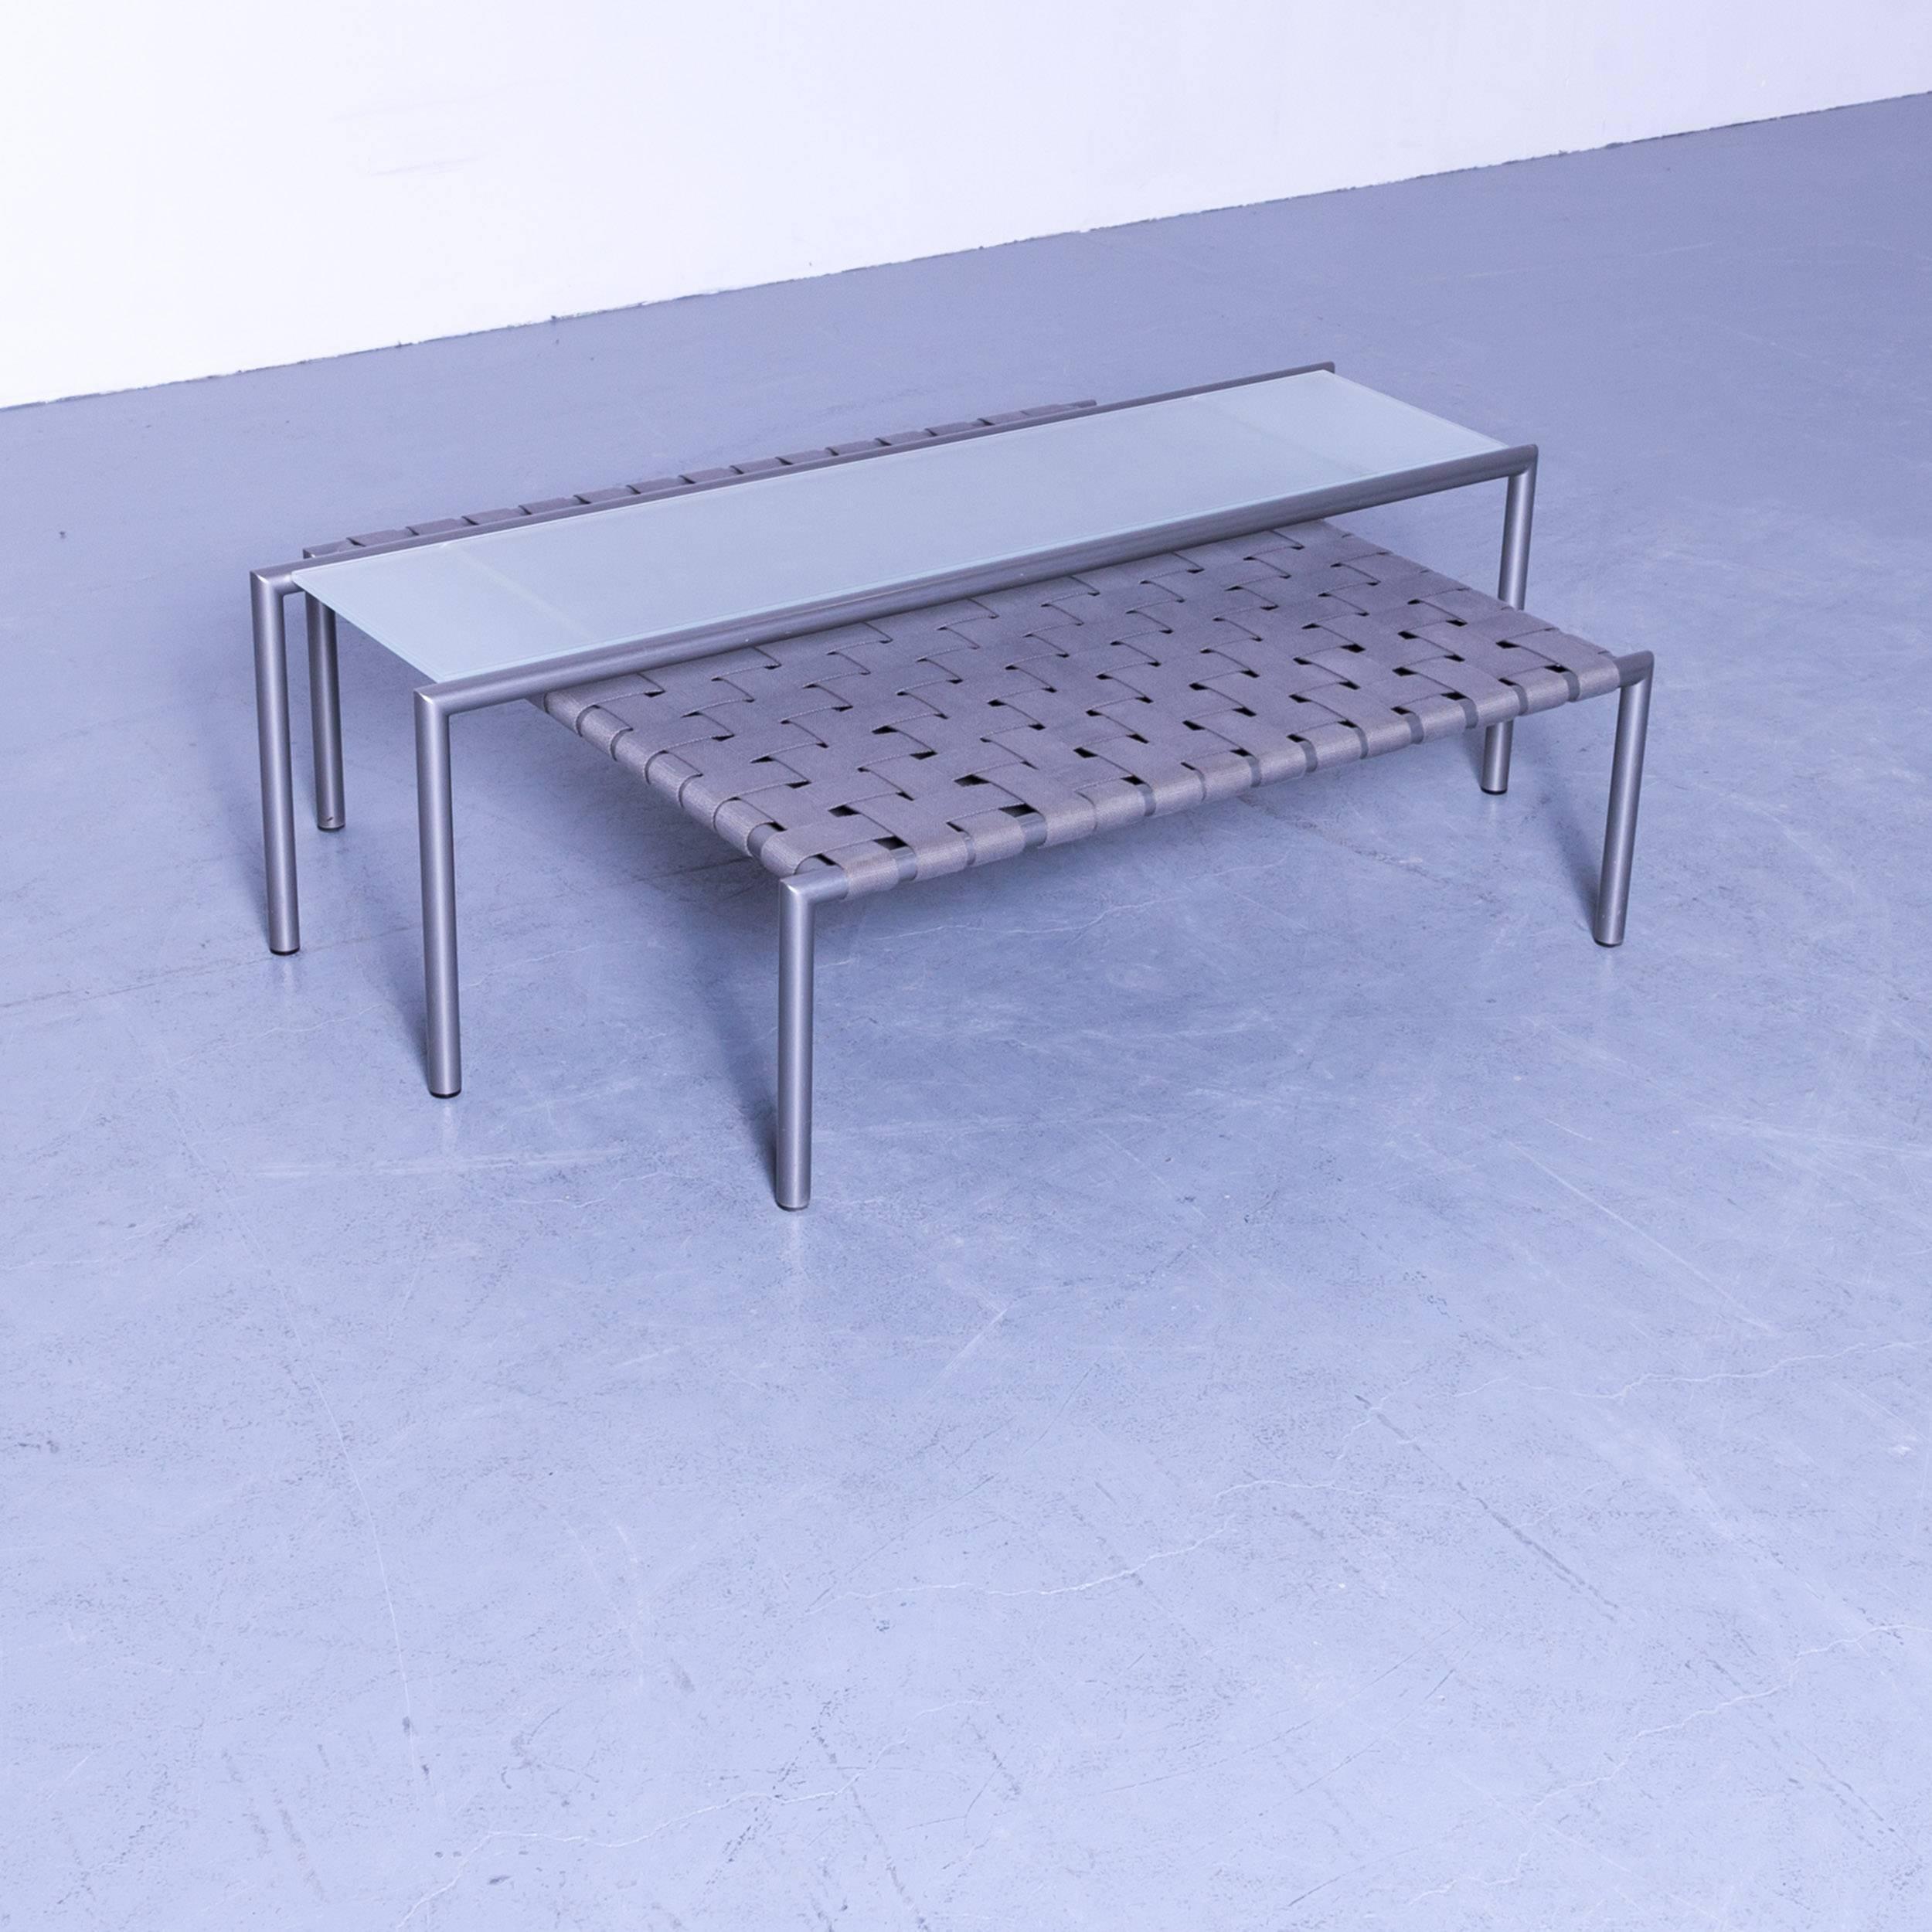 glastisch interio amazing couchtisch so finden sie den passenden fr sich with glastisch interio. Black Bedroom Furniture Sets. Home Design Ideas